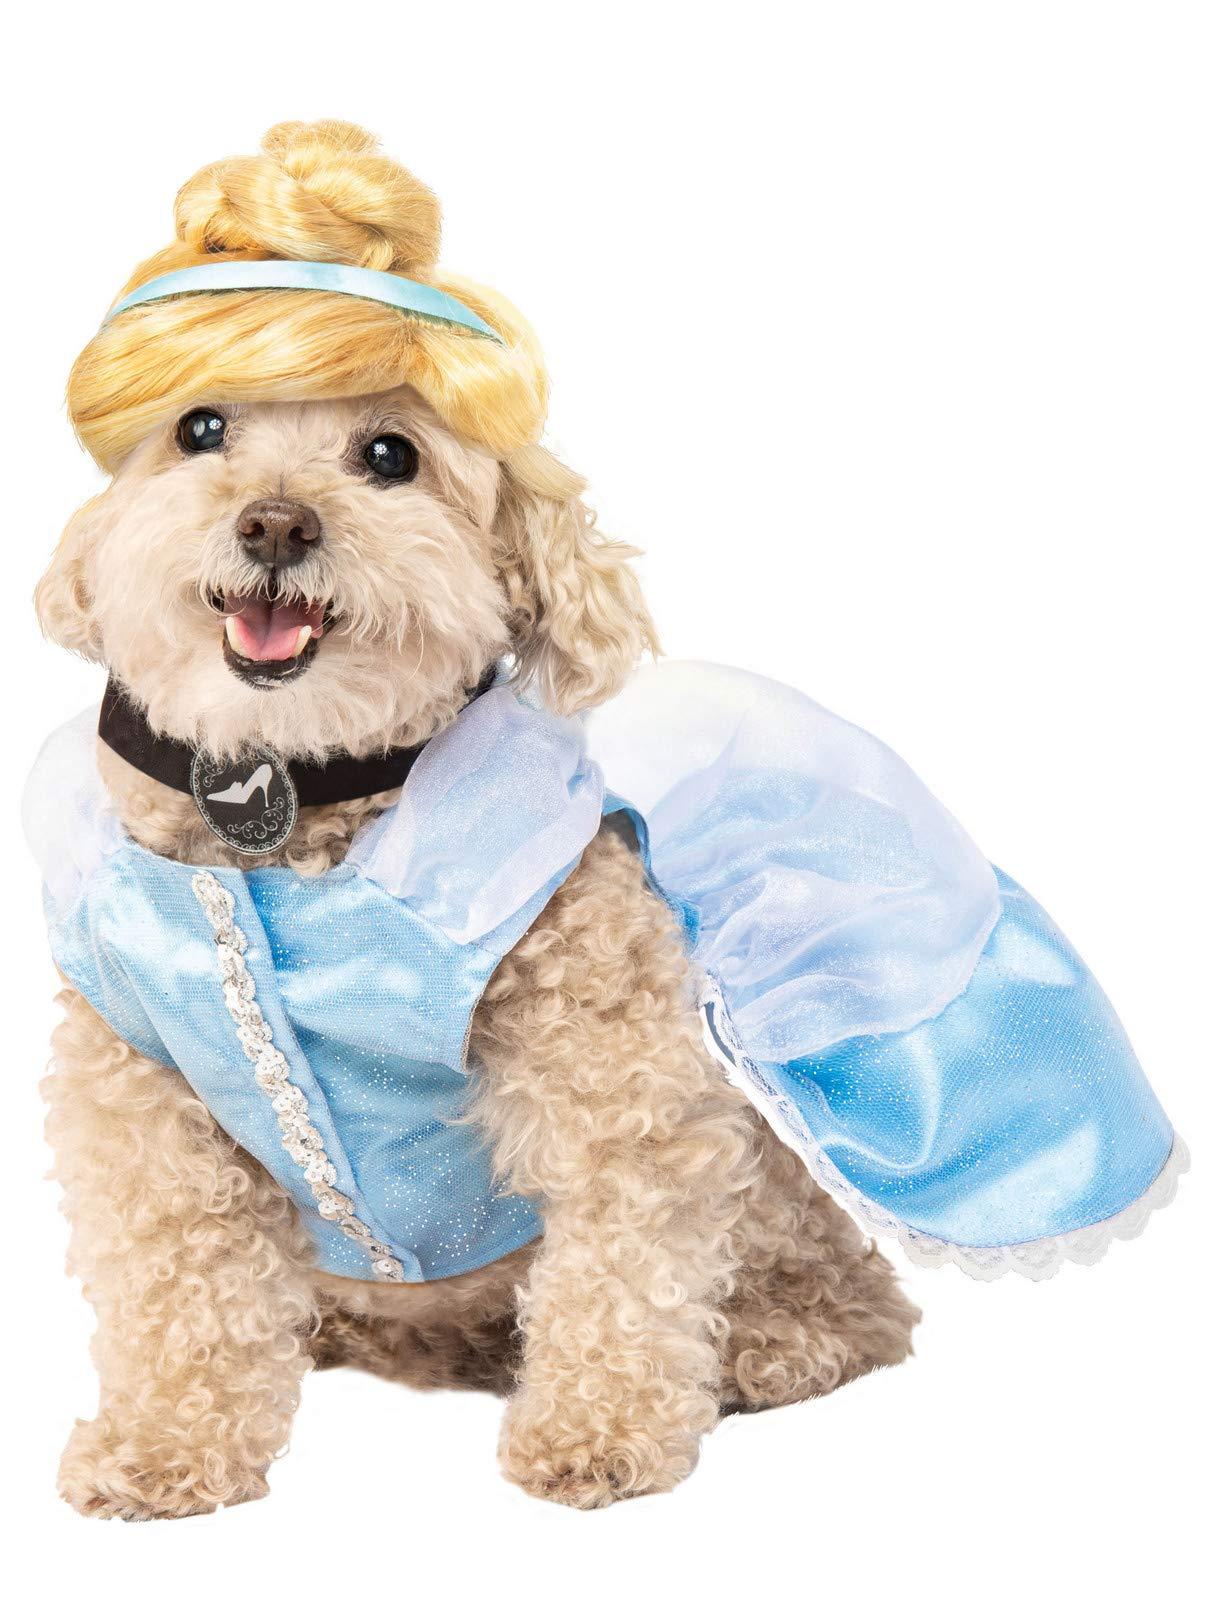 Rubie's Disney: Princess Pet Costume, Cinderella, Small by Rubie's (Image #1)